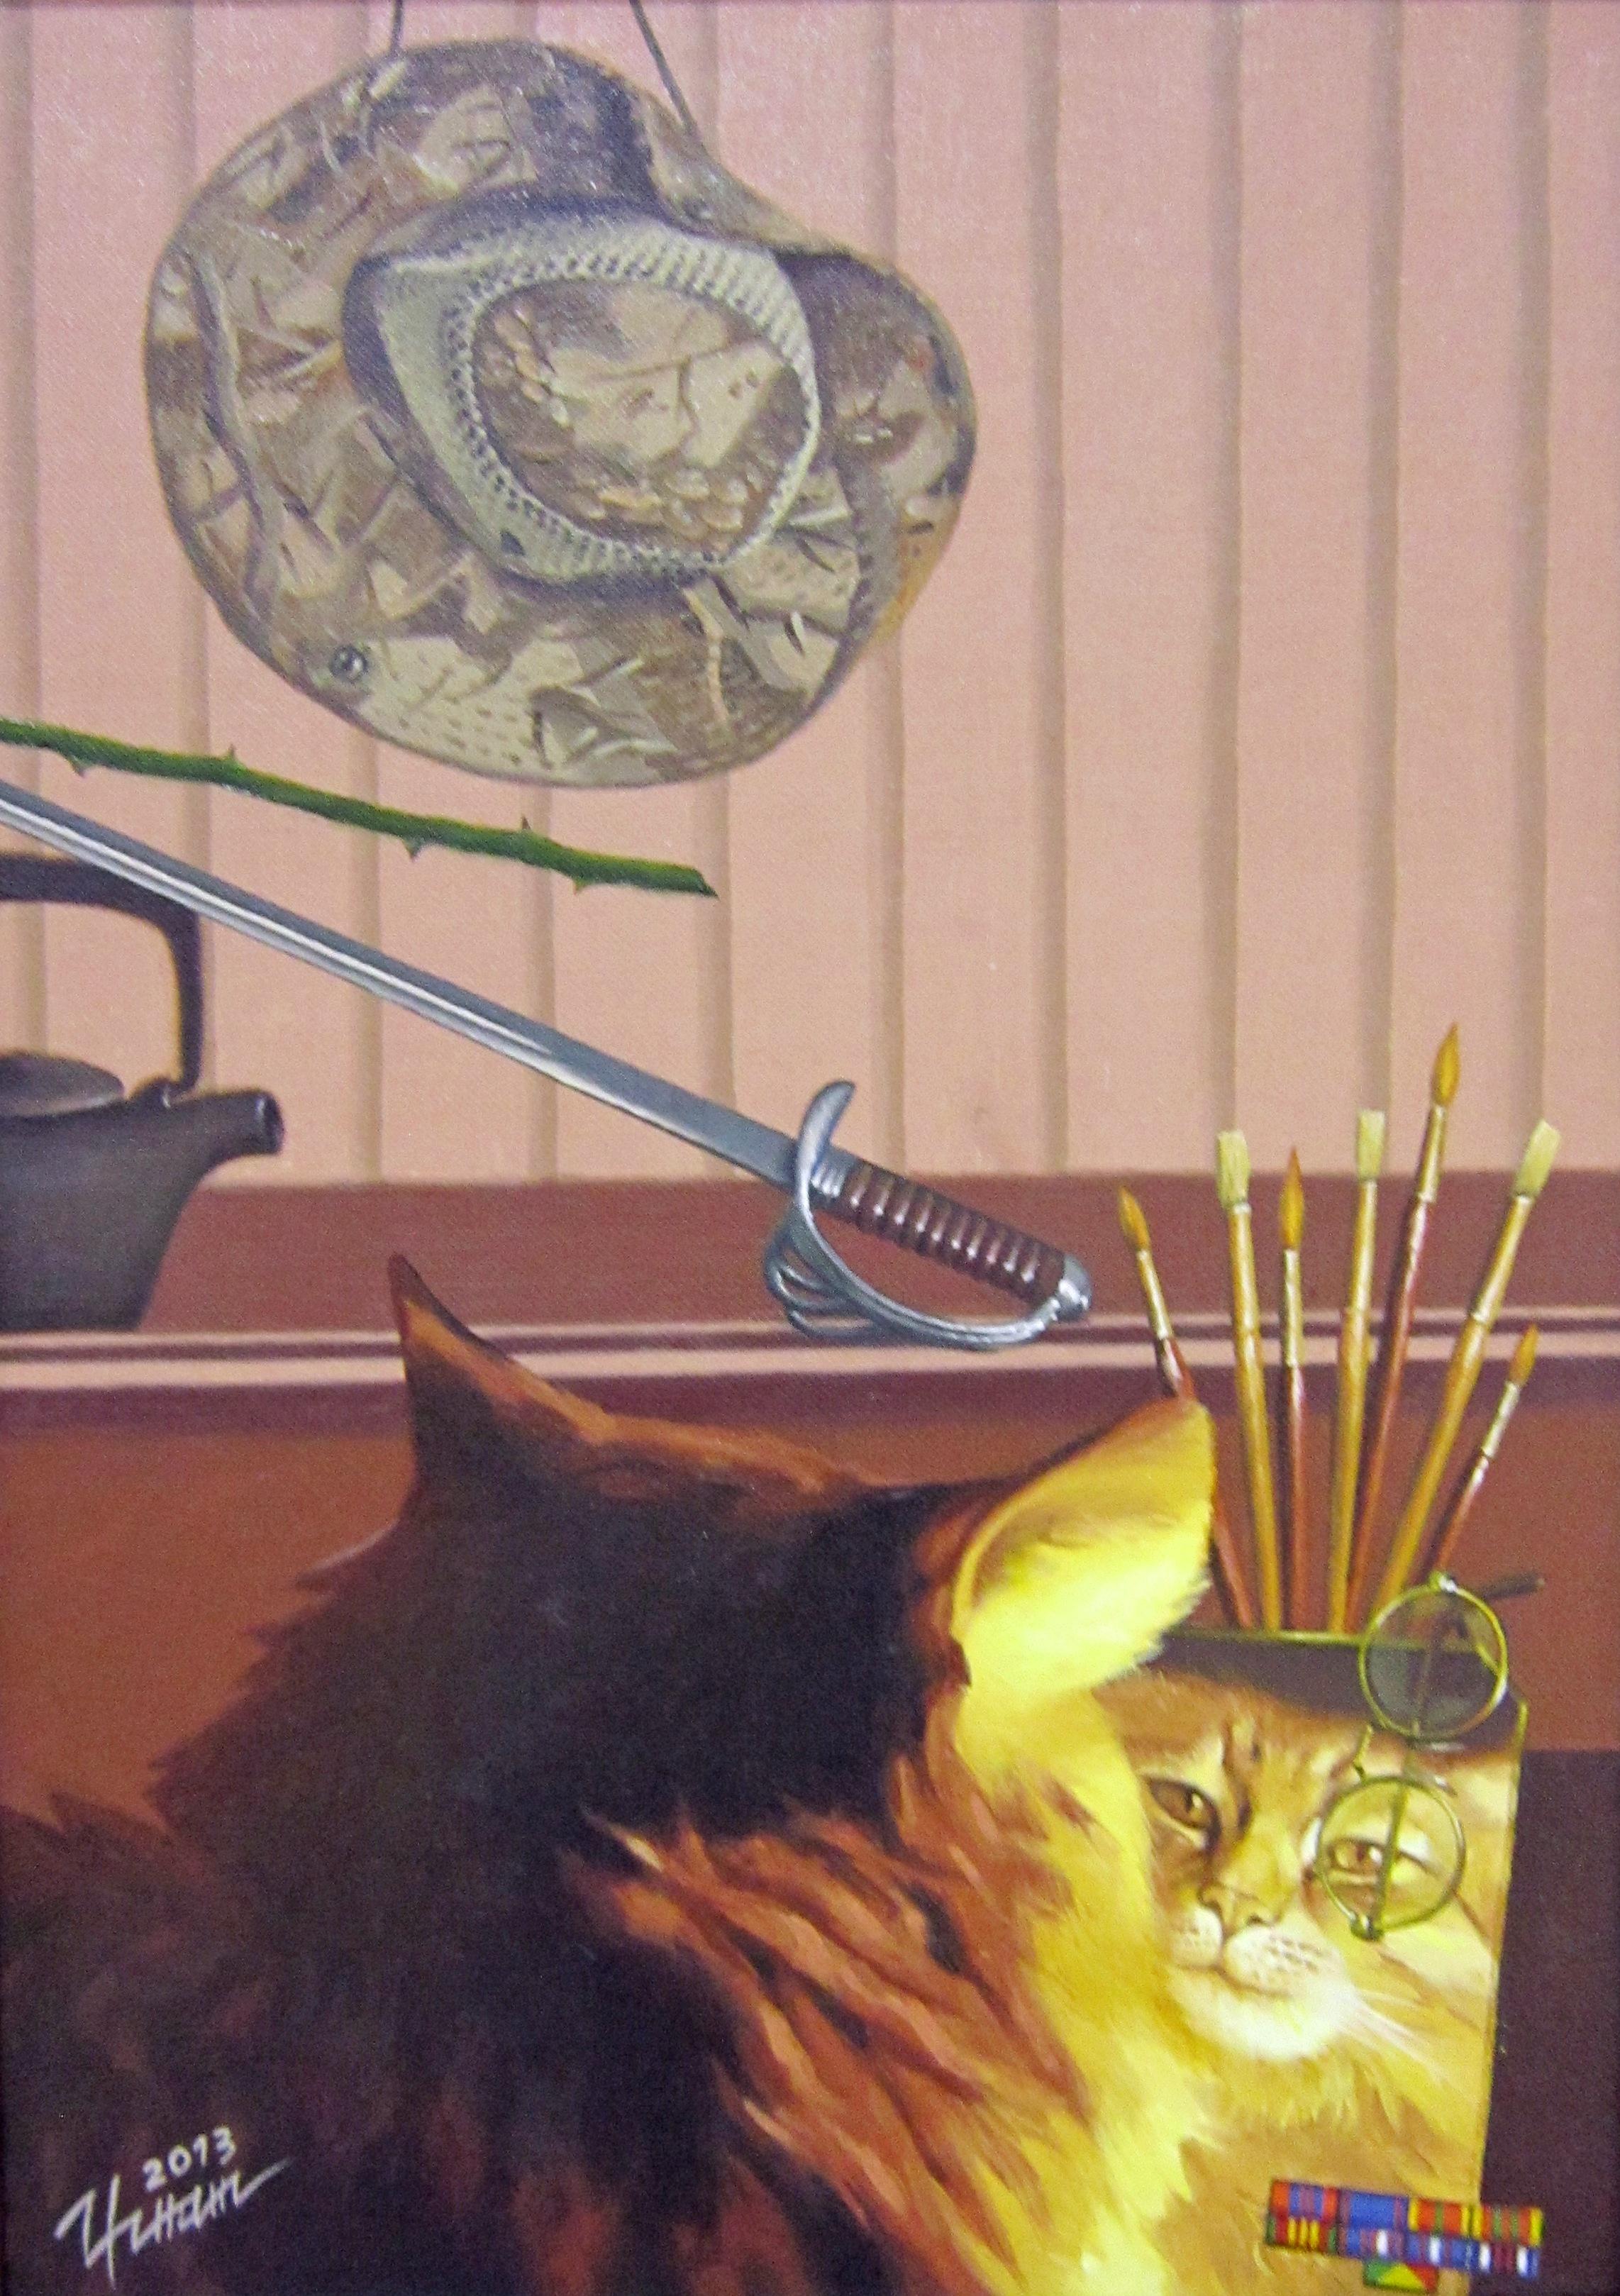 Олег Валентинович Игнатов (род. в 1964 году). Кошки не похожи на людей. 2013 год.